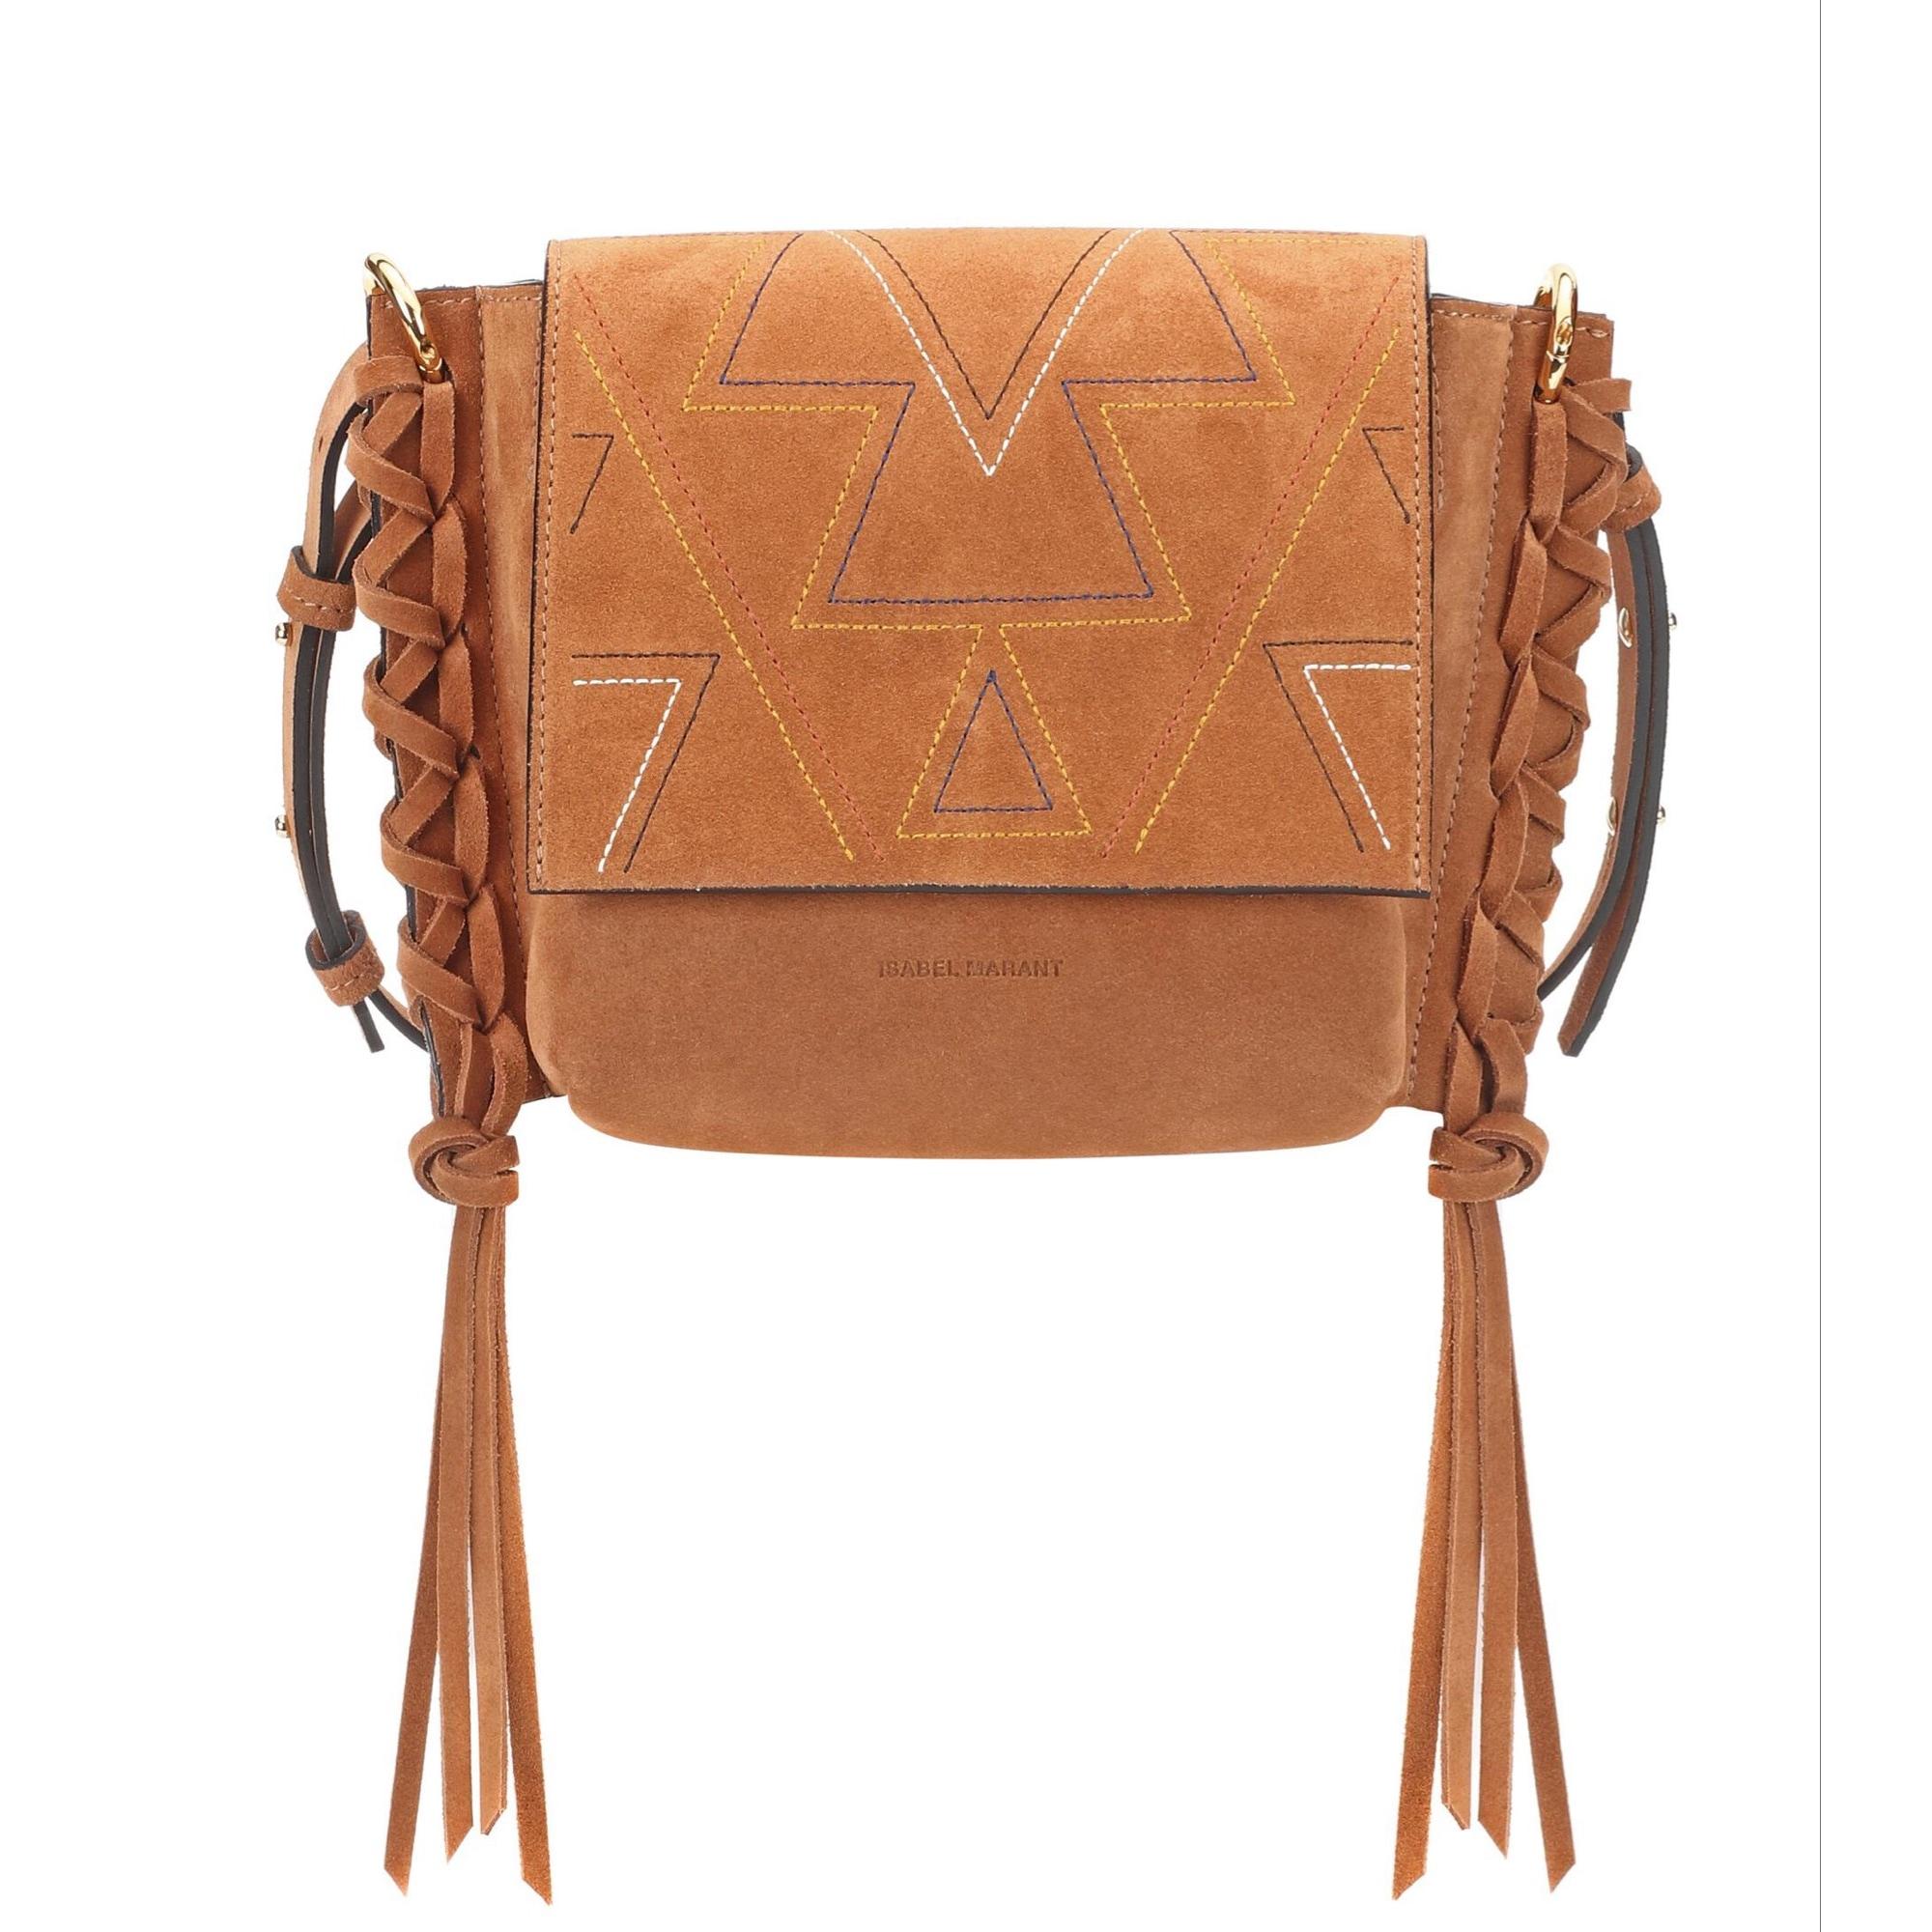 Non-Leather Handbag ISABEL MARANT Beige, camel